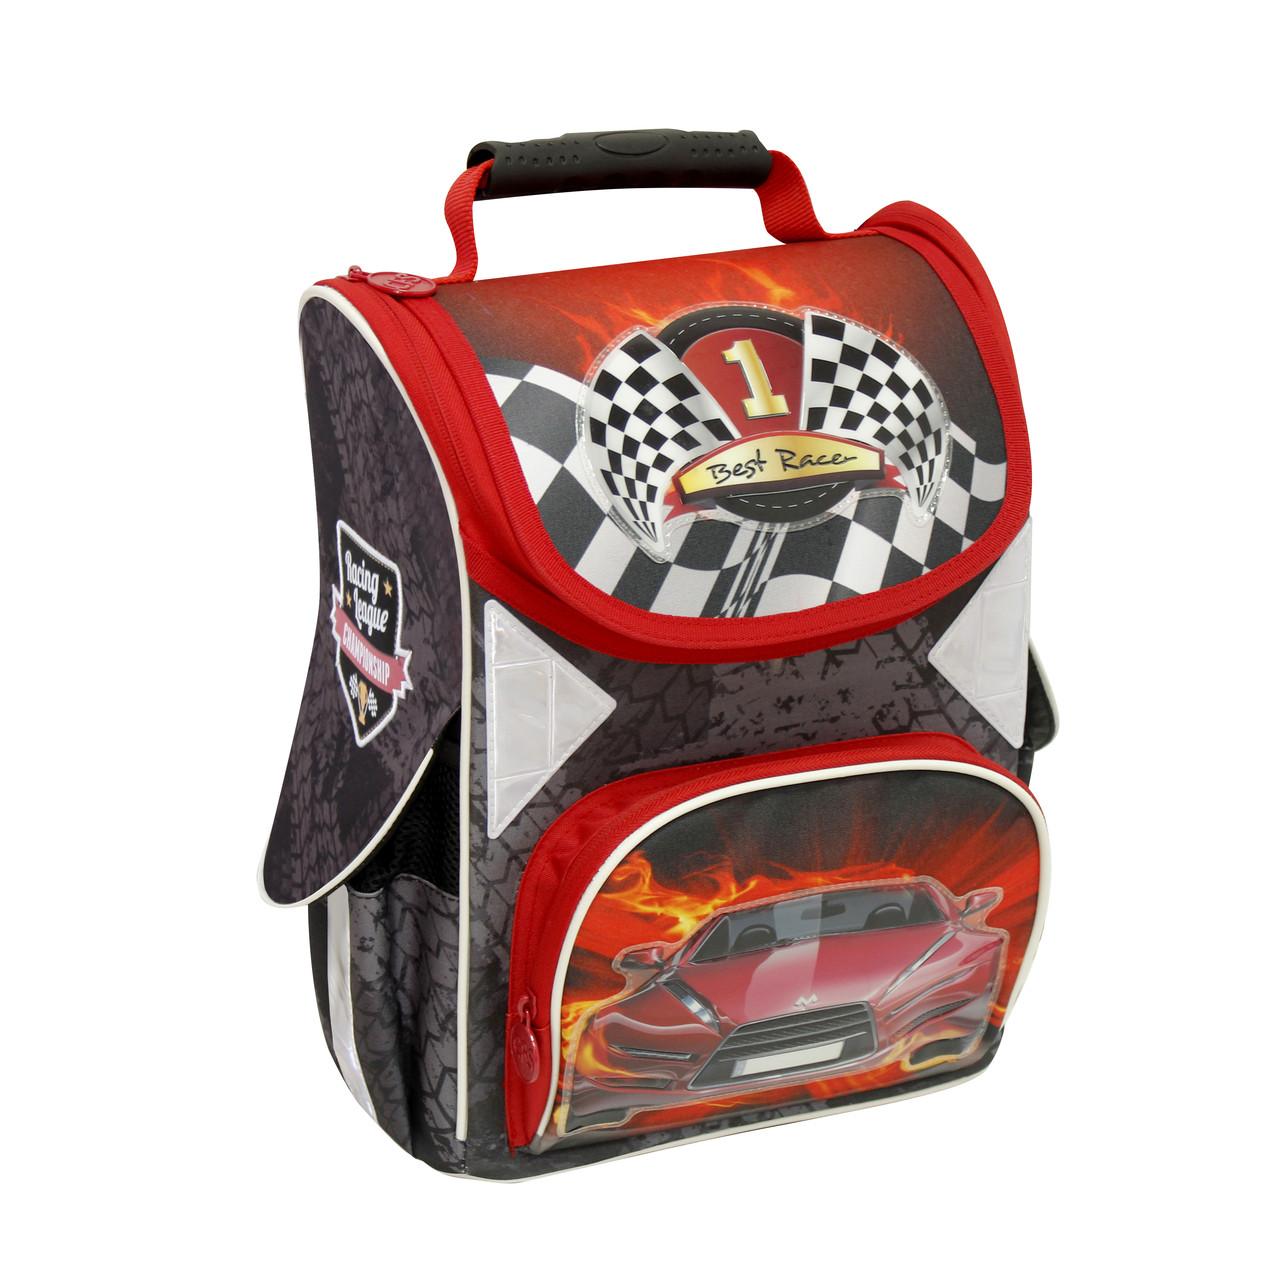 """Ранец школьный каркасный ортопедический """"Racing League"""" 85275 Cool For School для мальчика"""